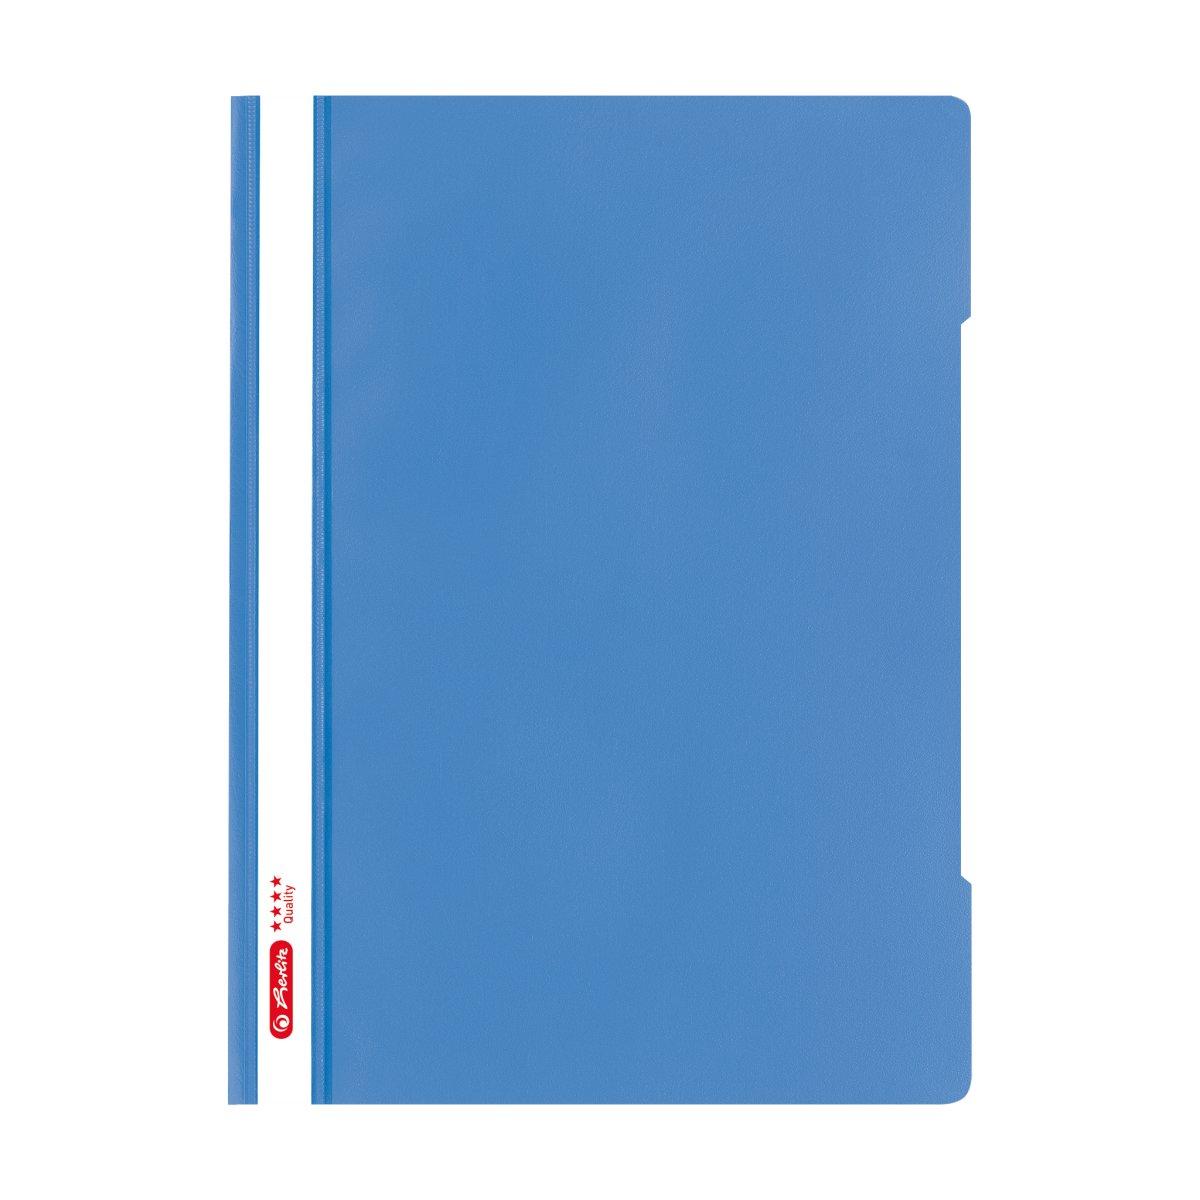 Herlitz 50016228 - Blau - Transparent - Polypropylen (PP) - Matt - A4 - 1 Stück(e) - Deutschland